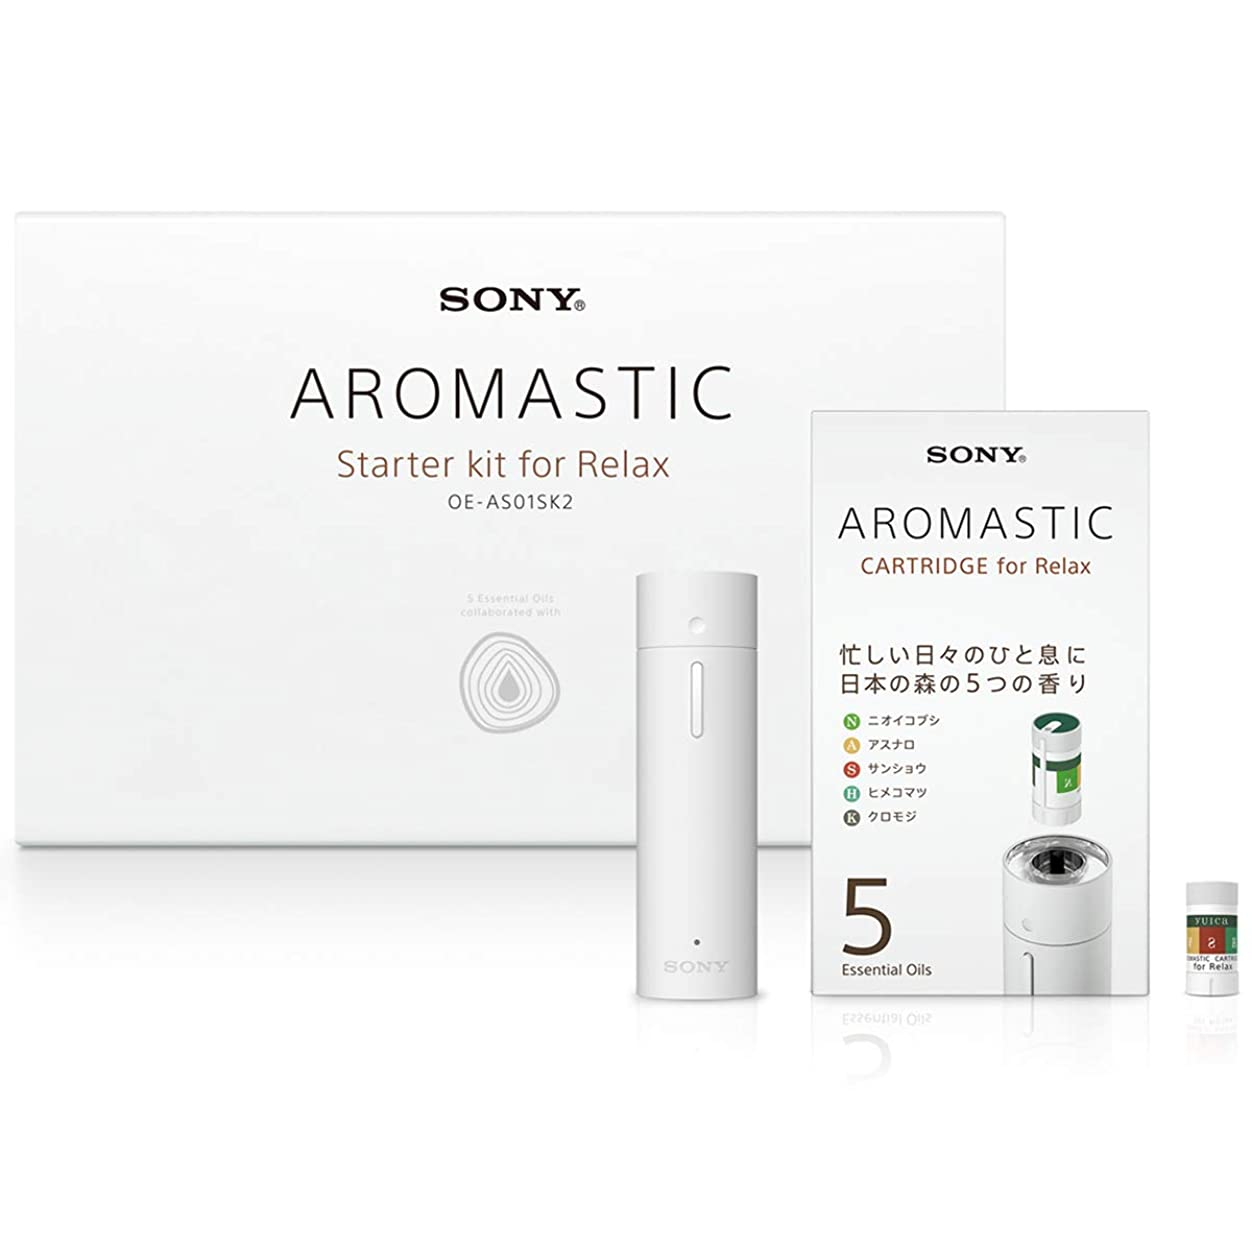 ビルマ恥ずかしさ避けるAROMASTIC Starter kit for Relax(スターターキット for Relax) OE-AS01SK2